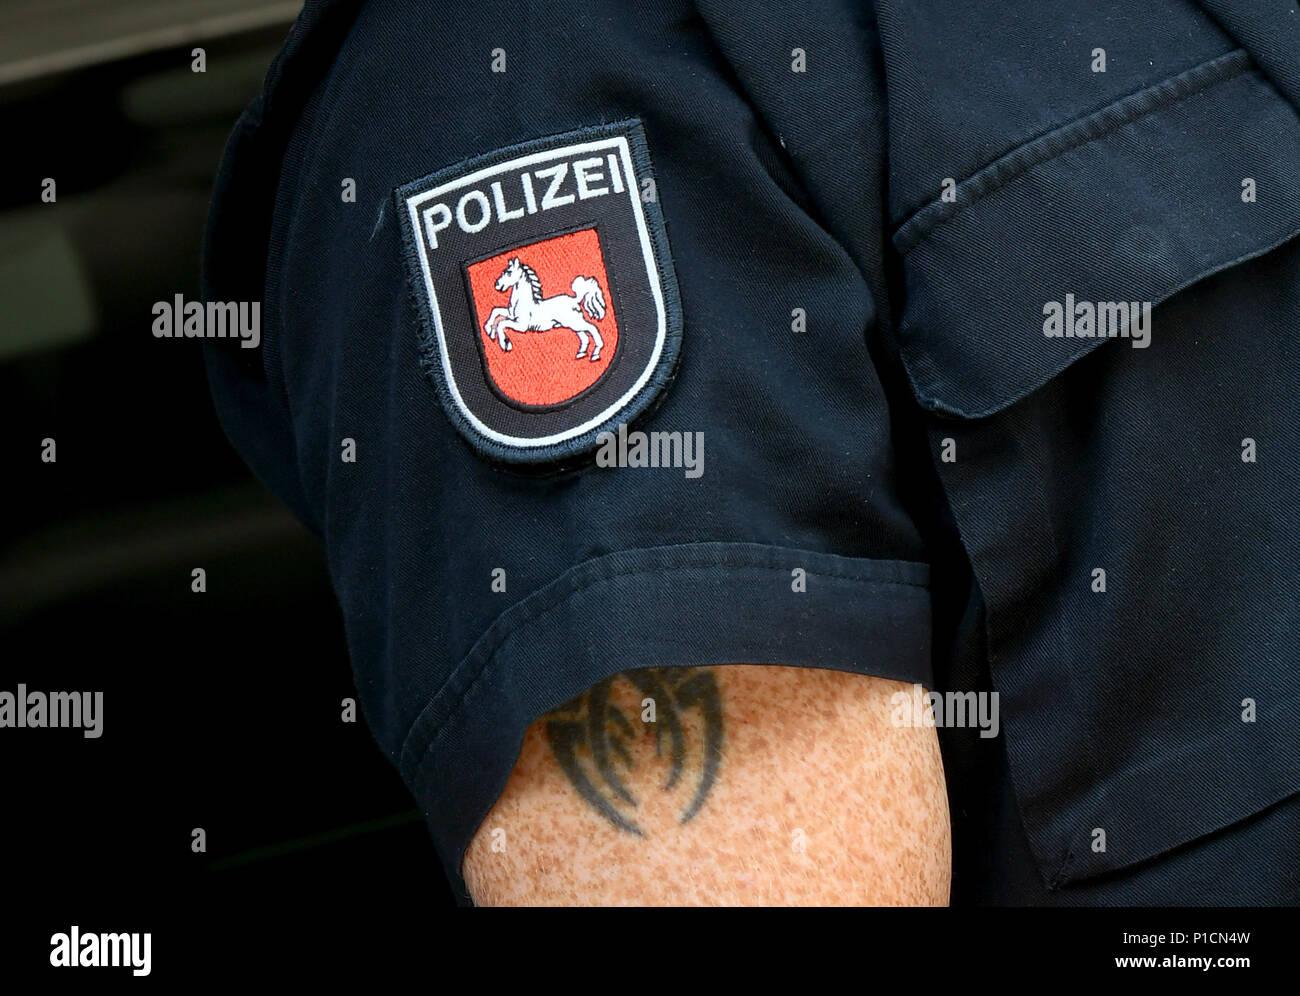 El 5 de junio de 2018, Hannover, Alemania: El oficial de policía Enrico Burtz presenta un tatuaje en el brazo superior. Sólo se puede ver cuando la manga corta de su uniforme se desliza hacia arriba. Foto: Holger Hollemann/dpa Imagen De Stock